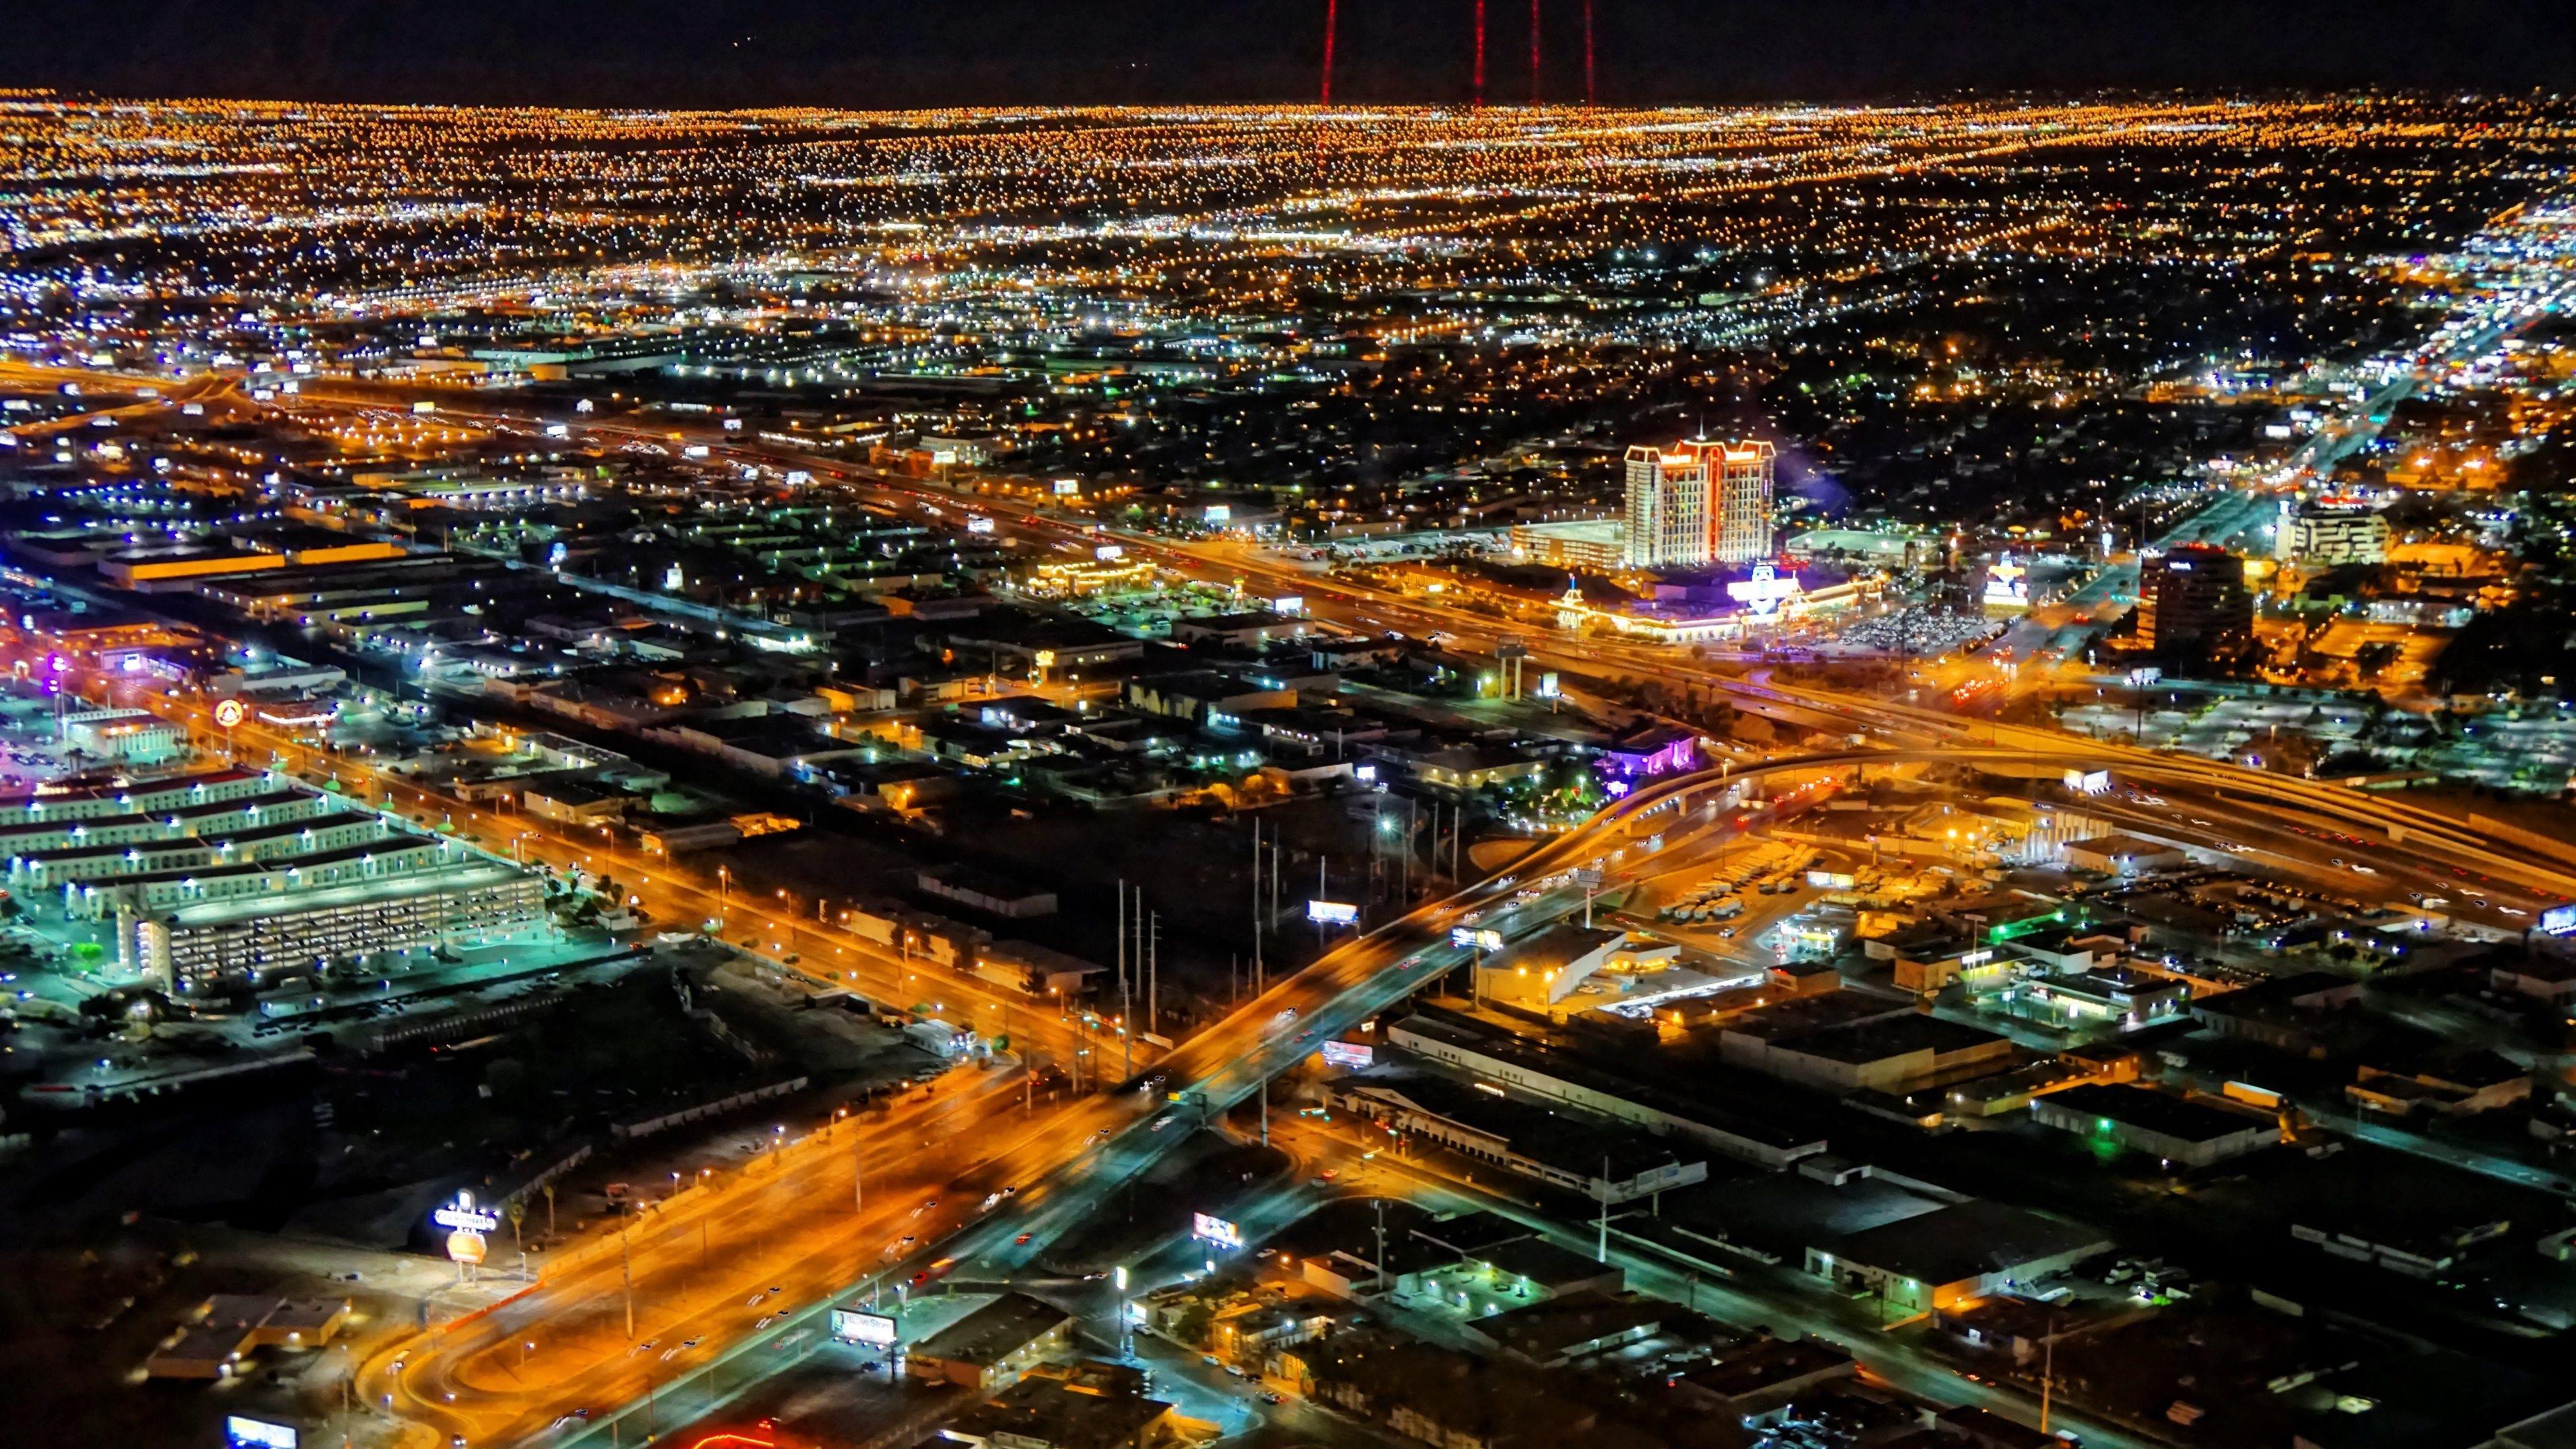 4k Hd Wallpaper Las Vegas Night View Las Vegas Images Las Vegas